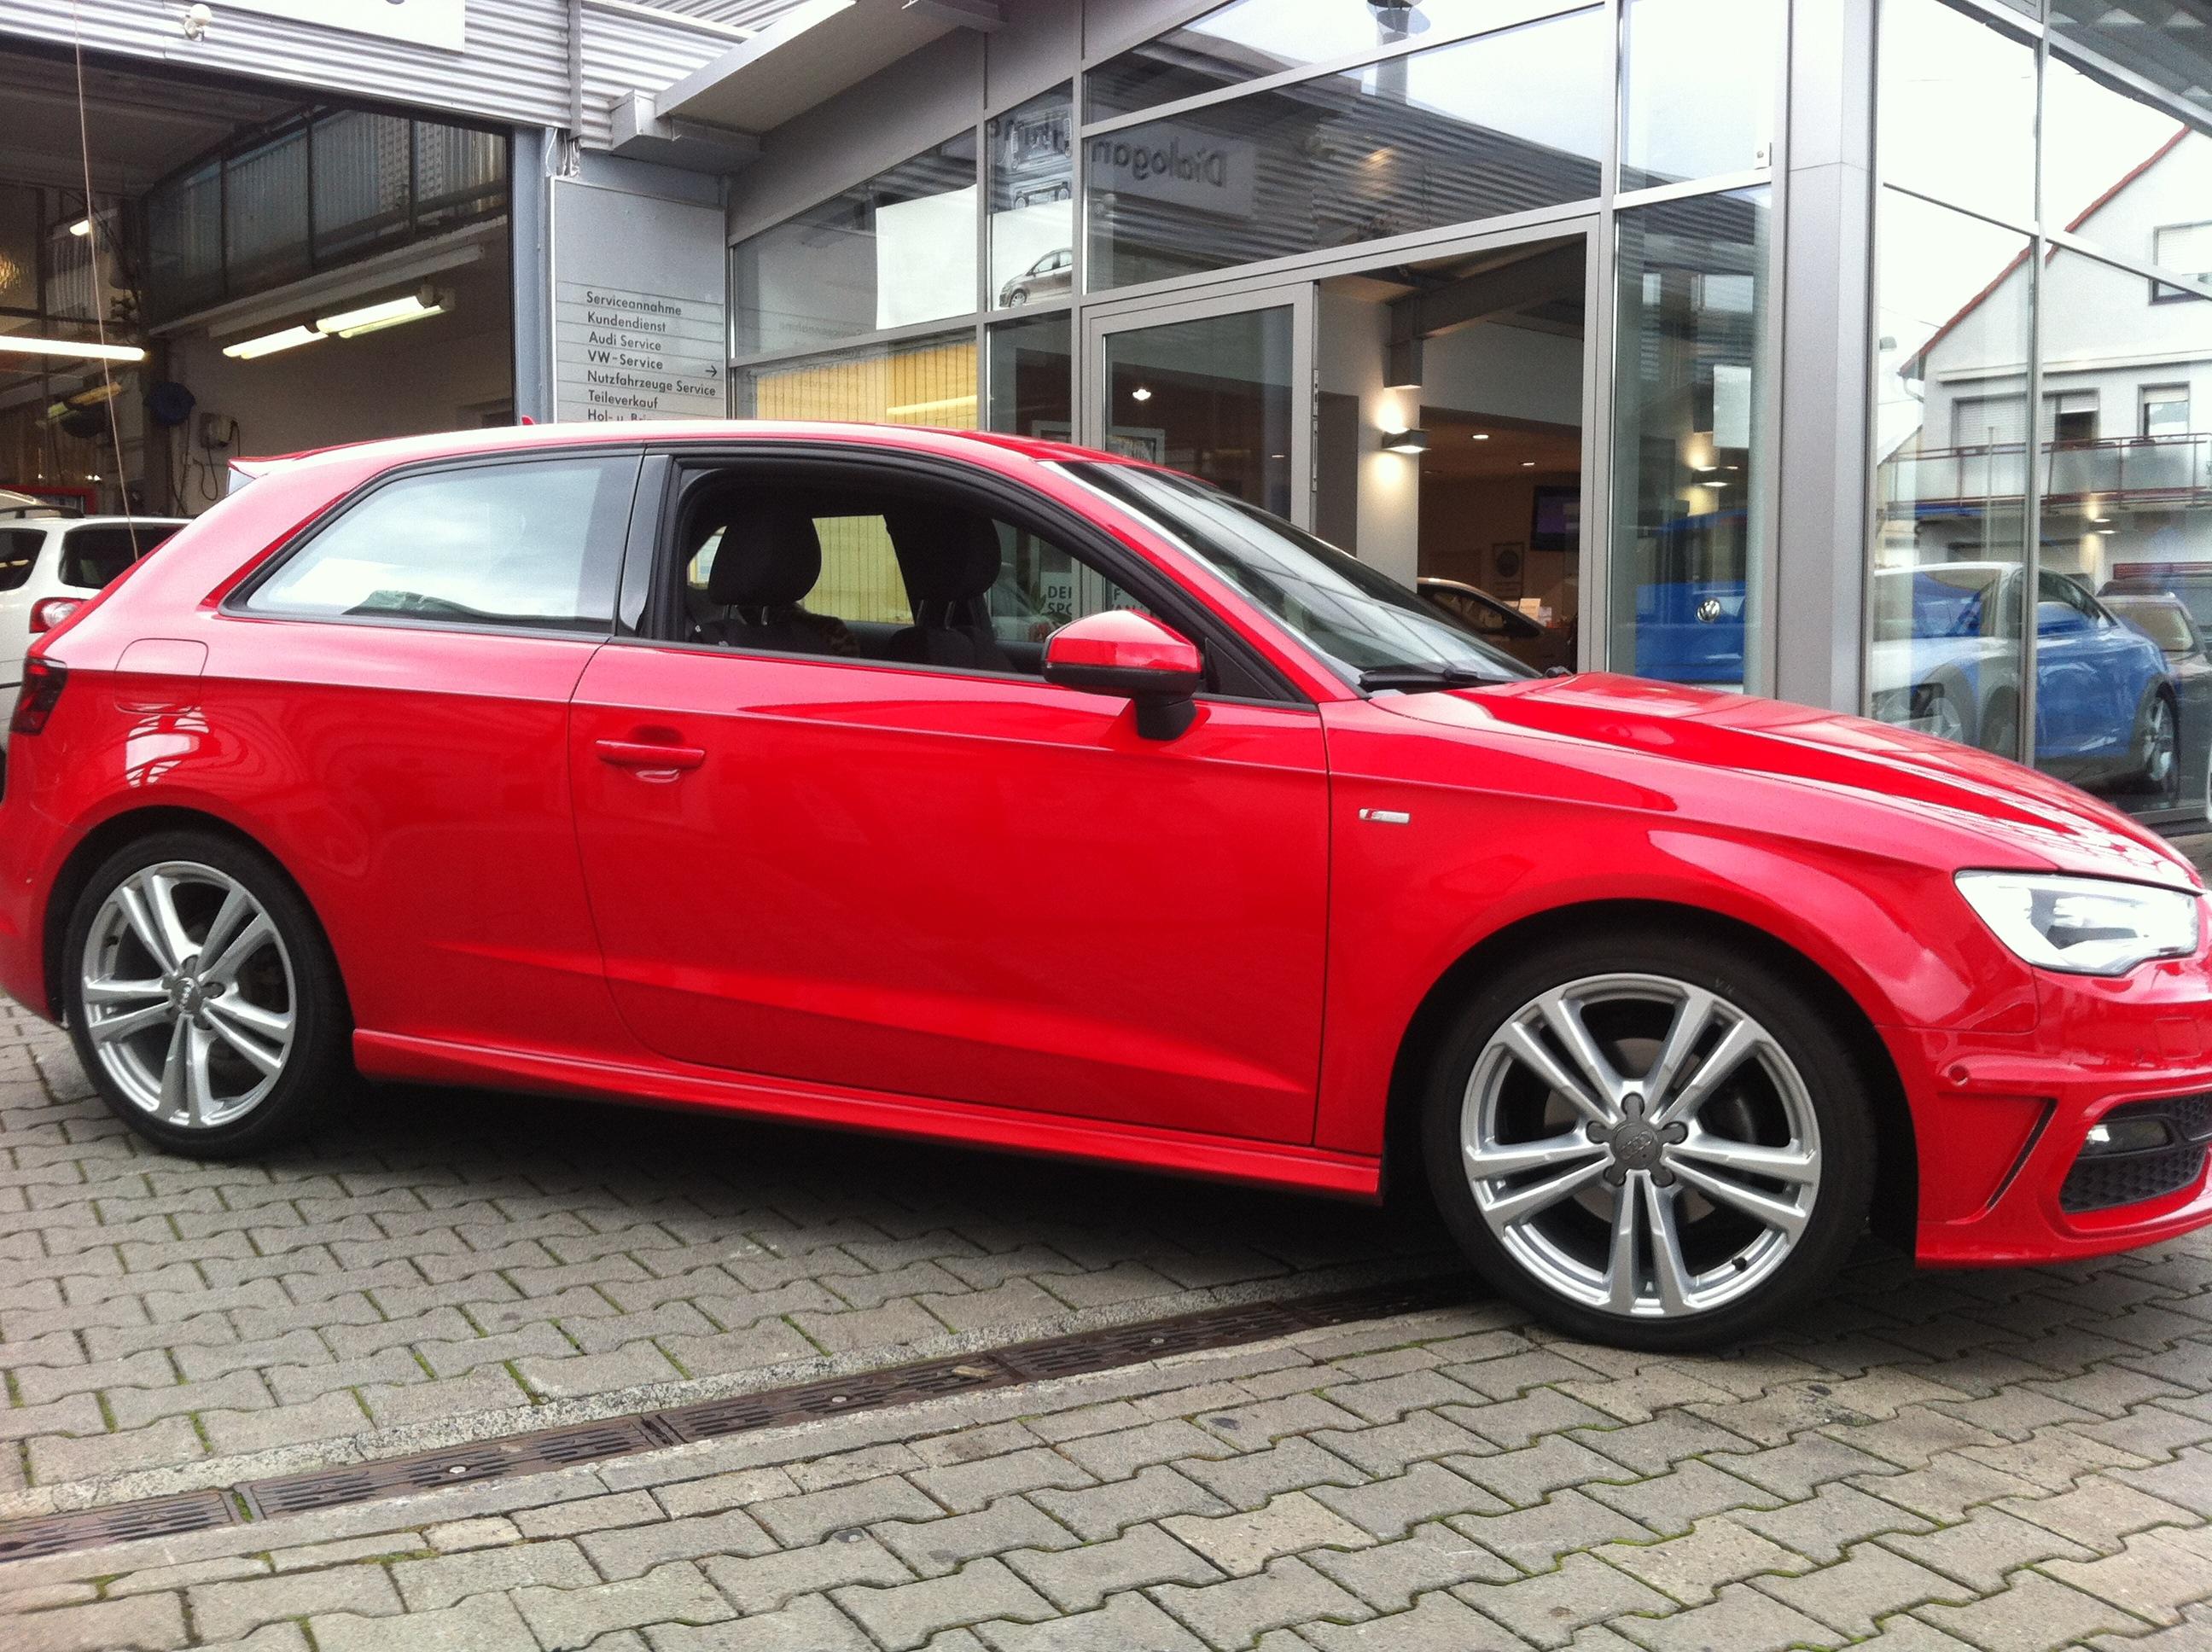 Allgemein Spurplatten Spurverbreiterungen Am Audi A3